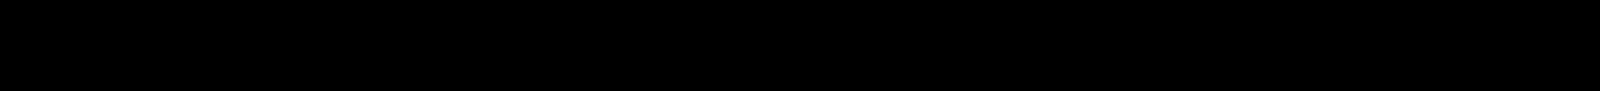 4Tb48rXAc.png (1600×91)